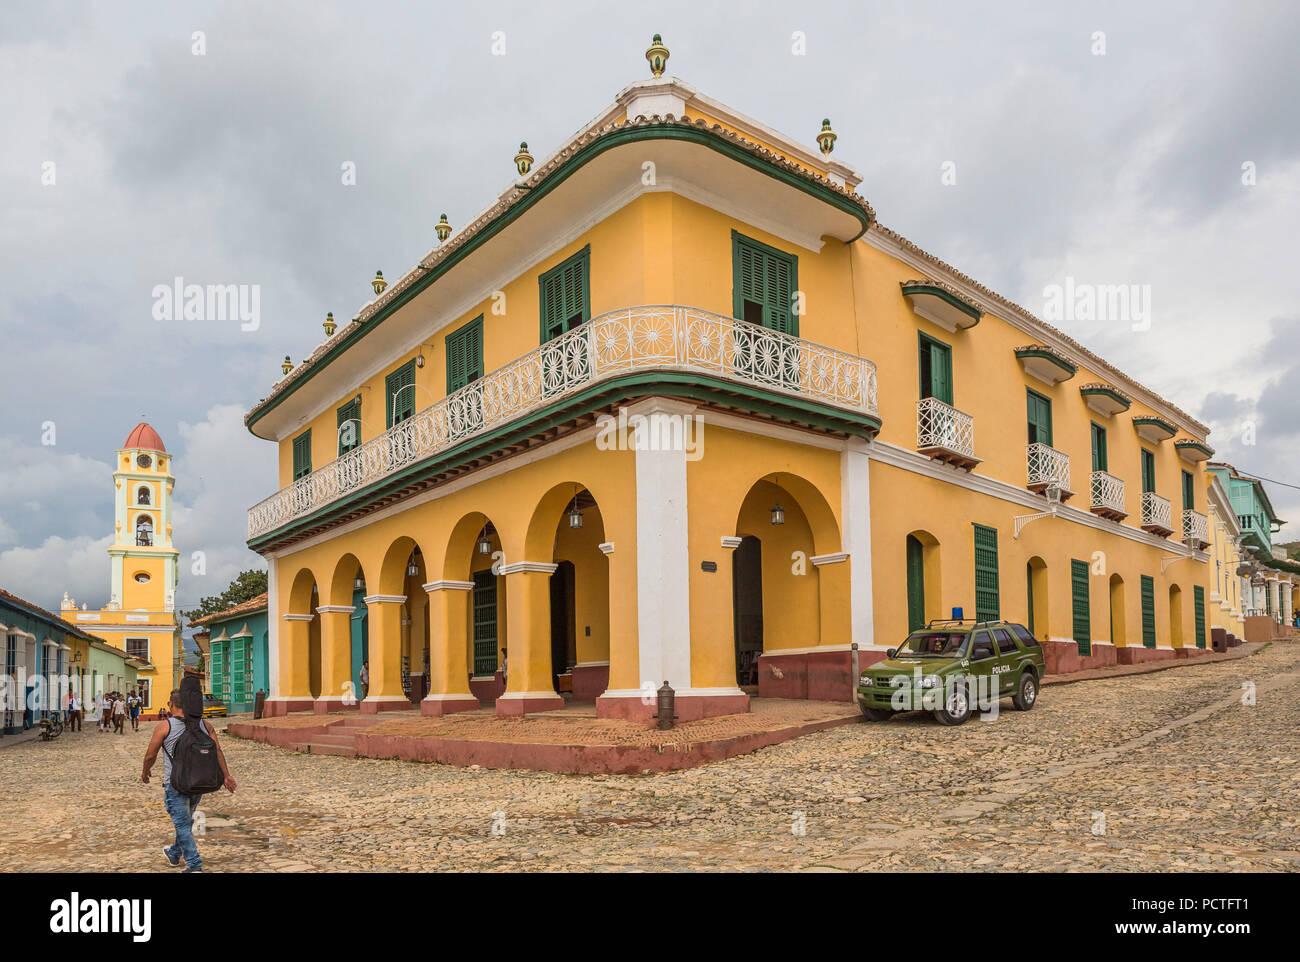 Museo Romantico.Museo Romantico Palacio Brunet Built In 1740 Trinidad Sancti